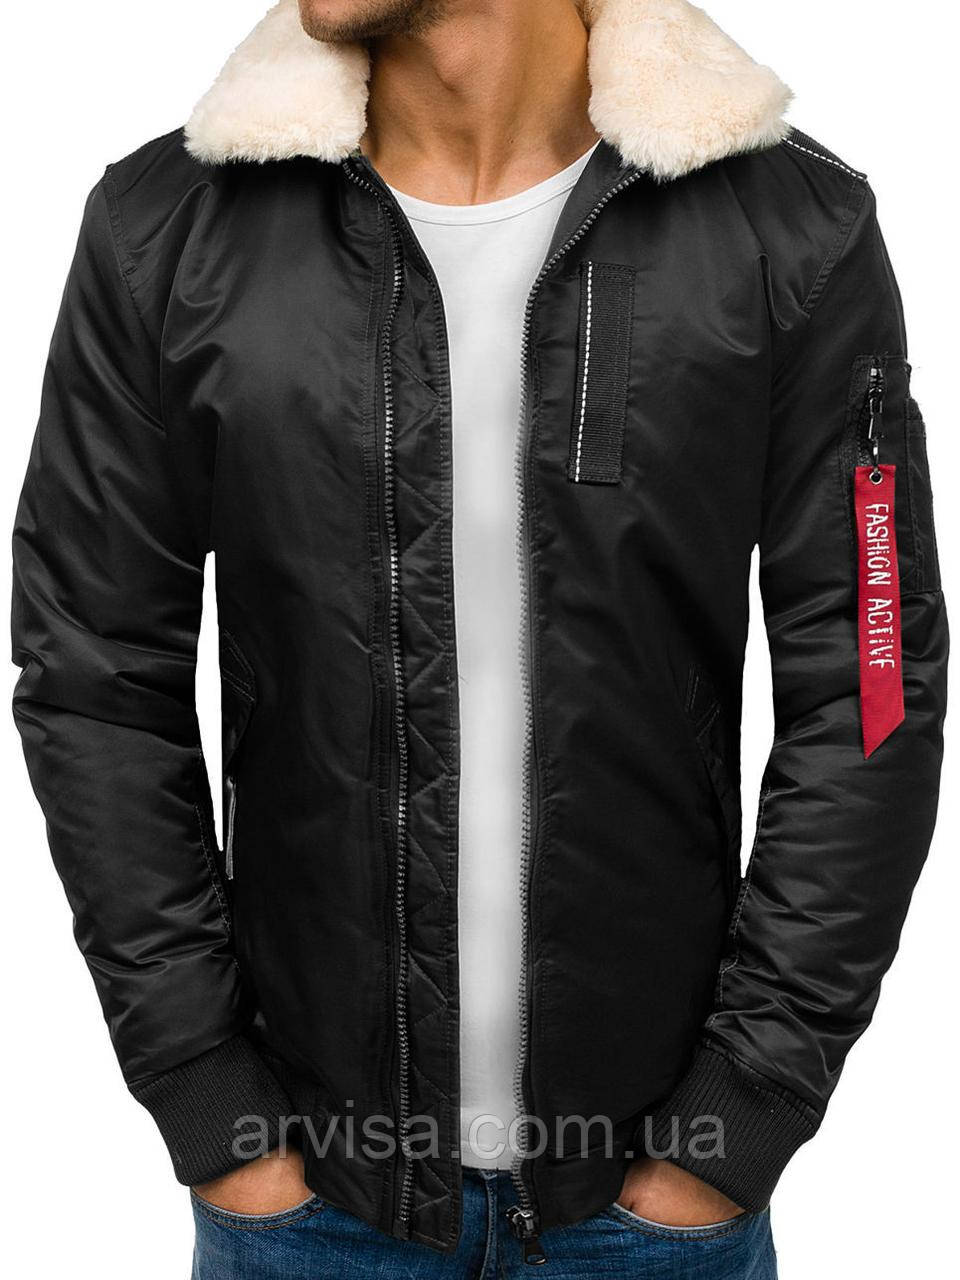 Мужская зимняя куртка пилот авиатор черная до -10